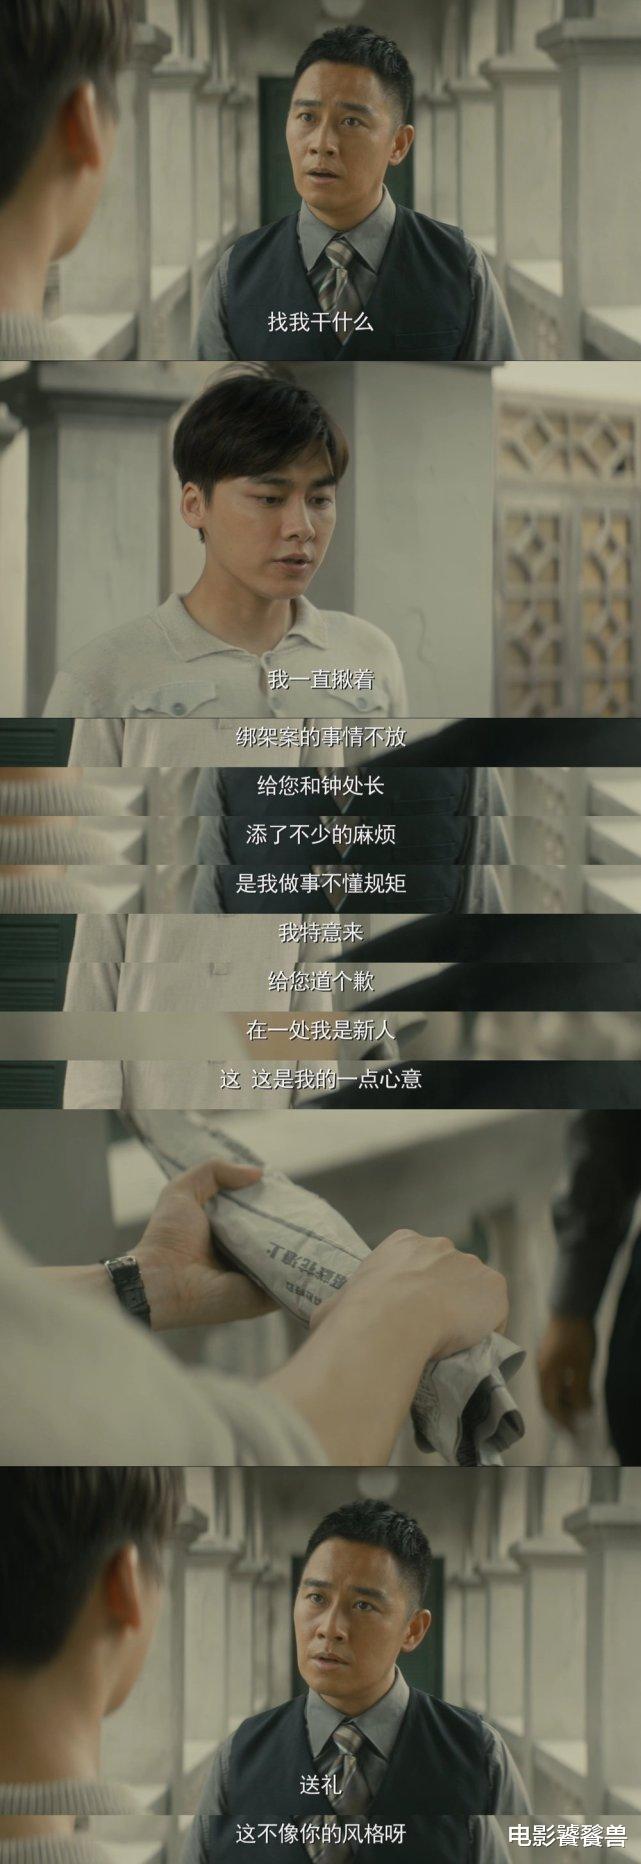 顧耀東終於開掛,卻逼瘋可達鴨,85後李易峰的新劇太上頭-圖6